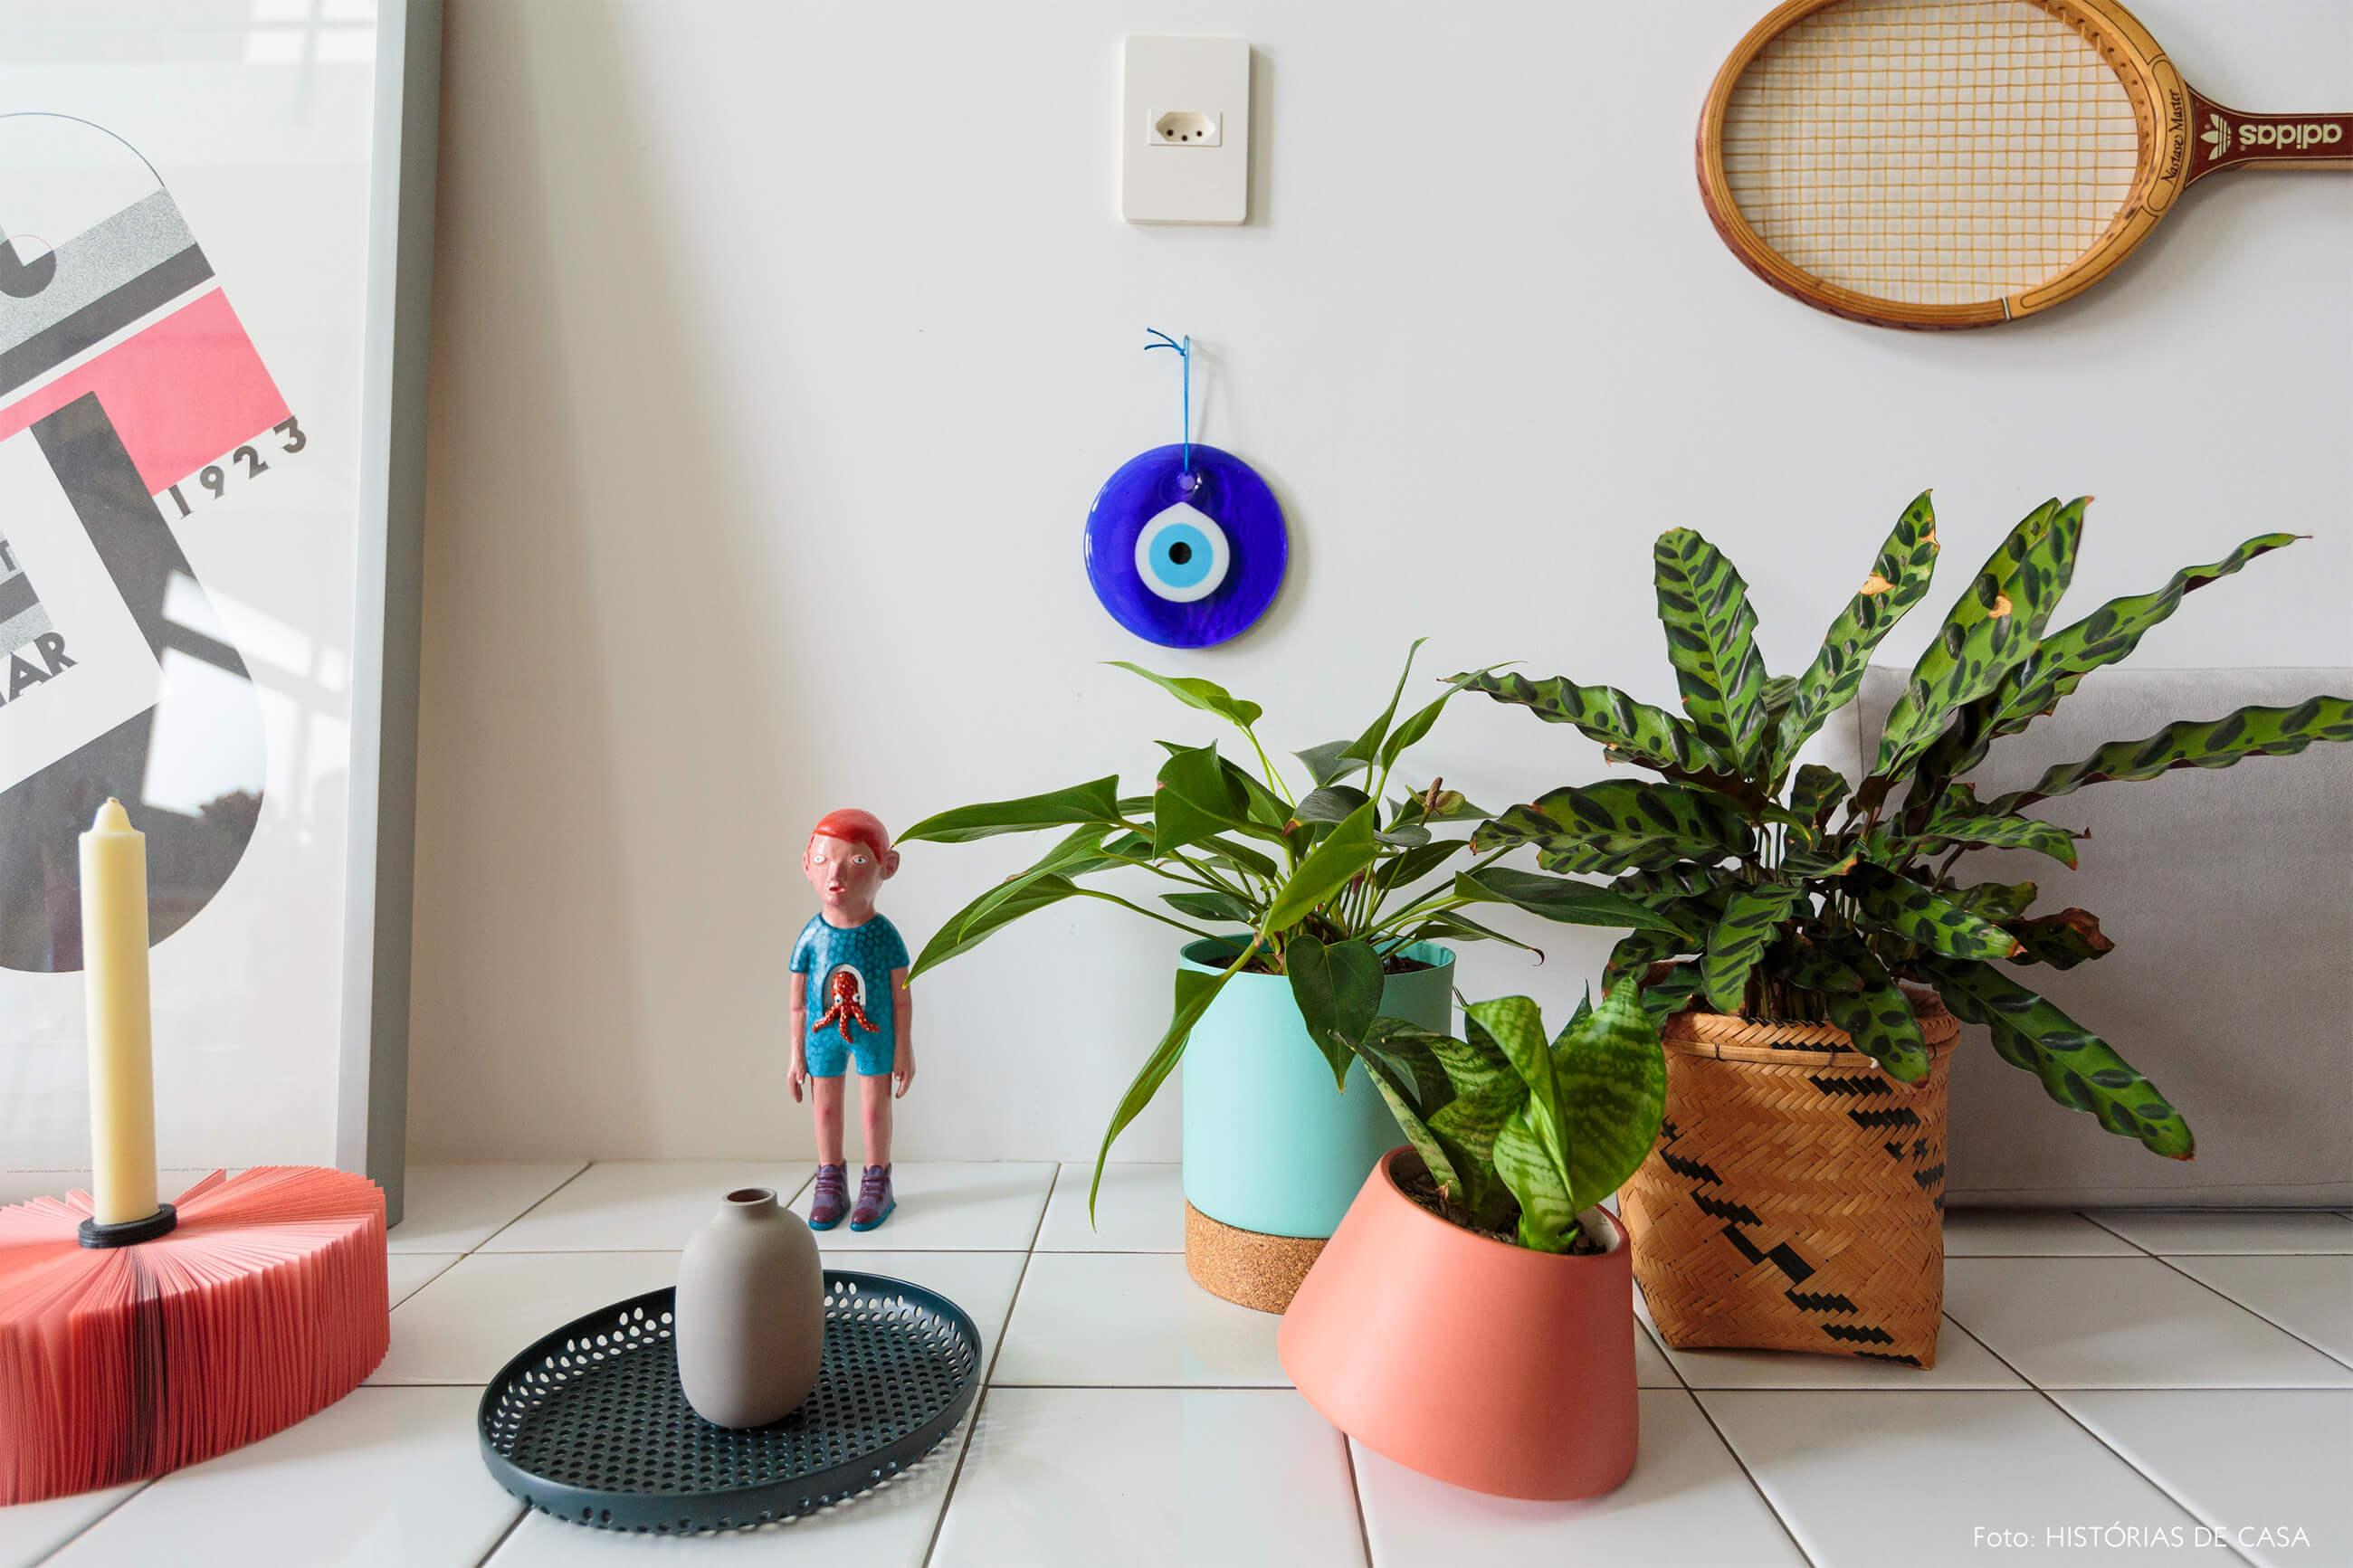 flavio-decoração-detalhe-do-rack-de-azulejo-com-vasos-e-boneco